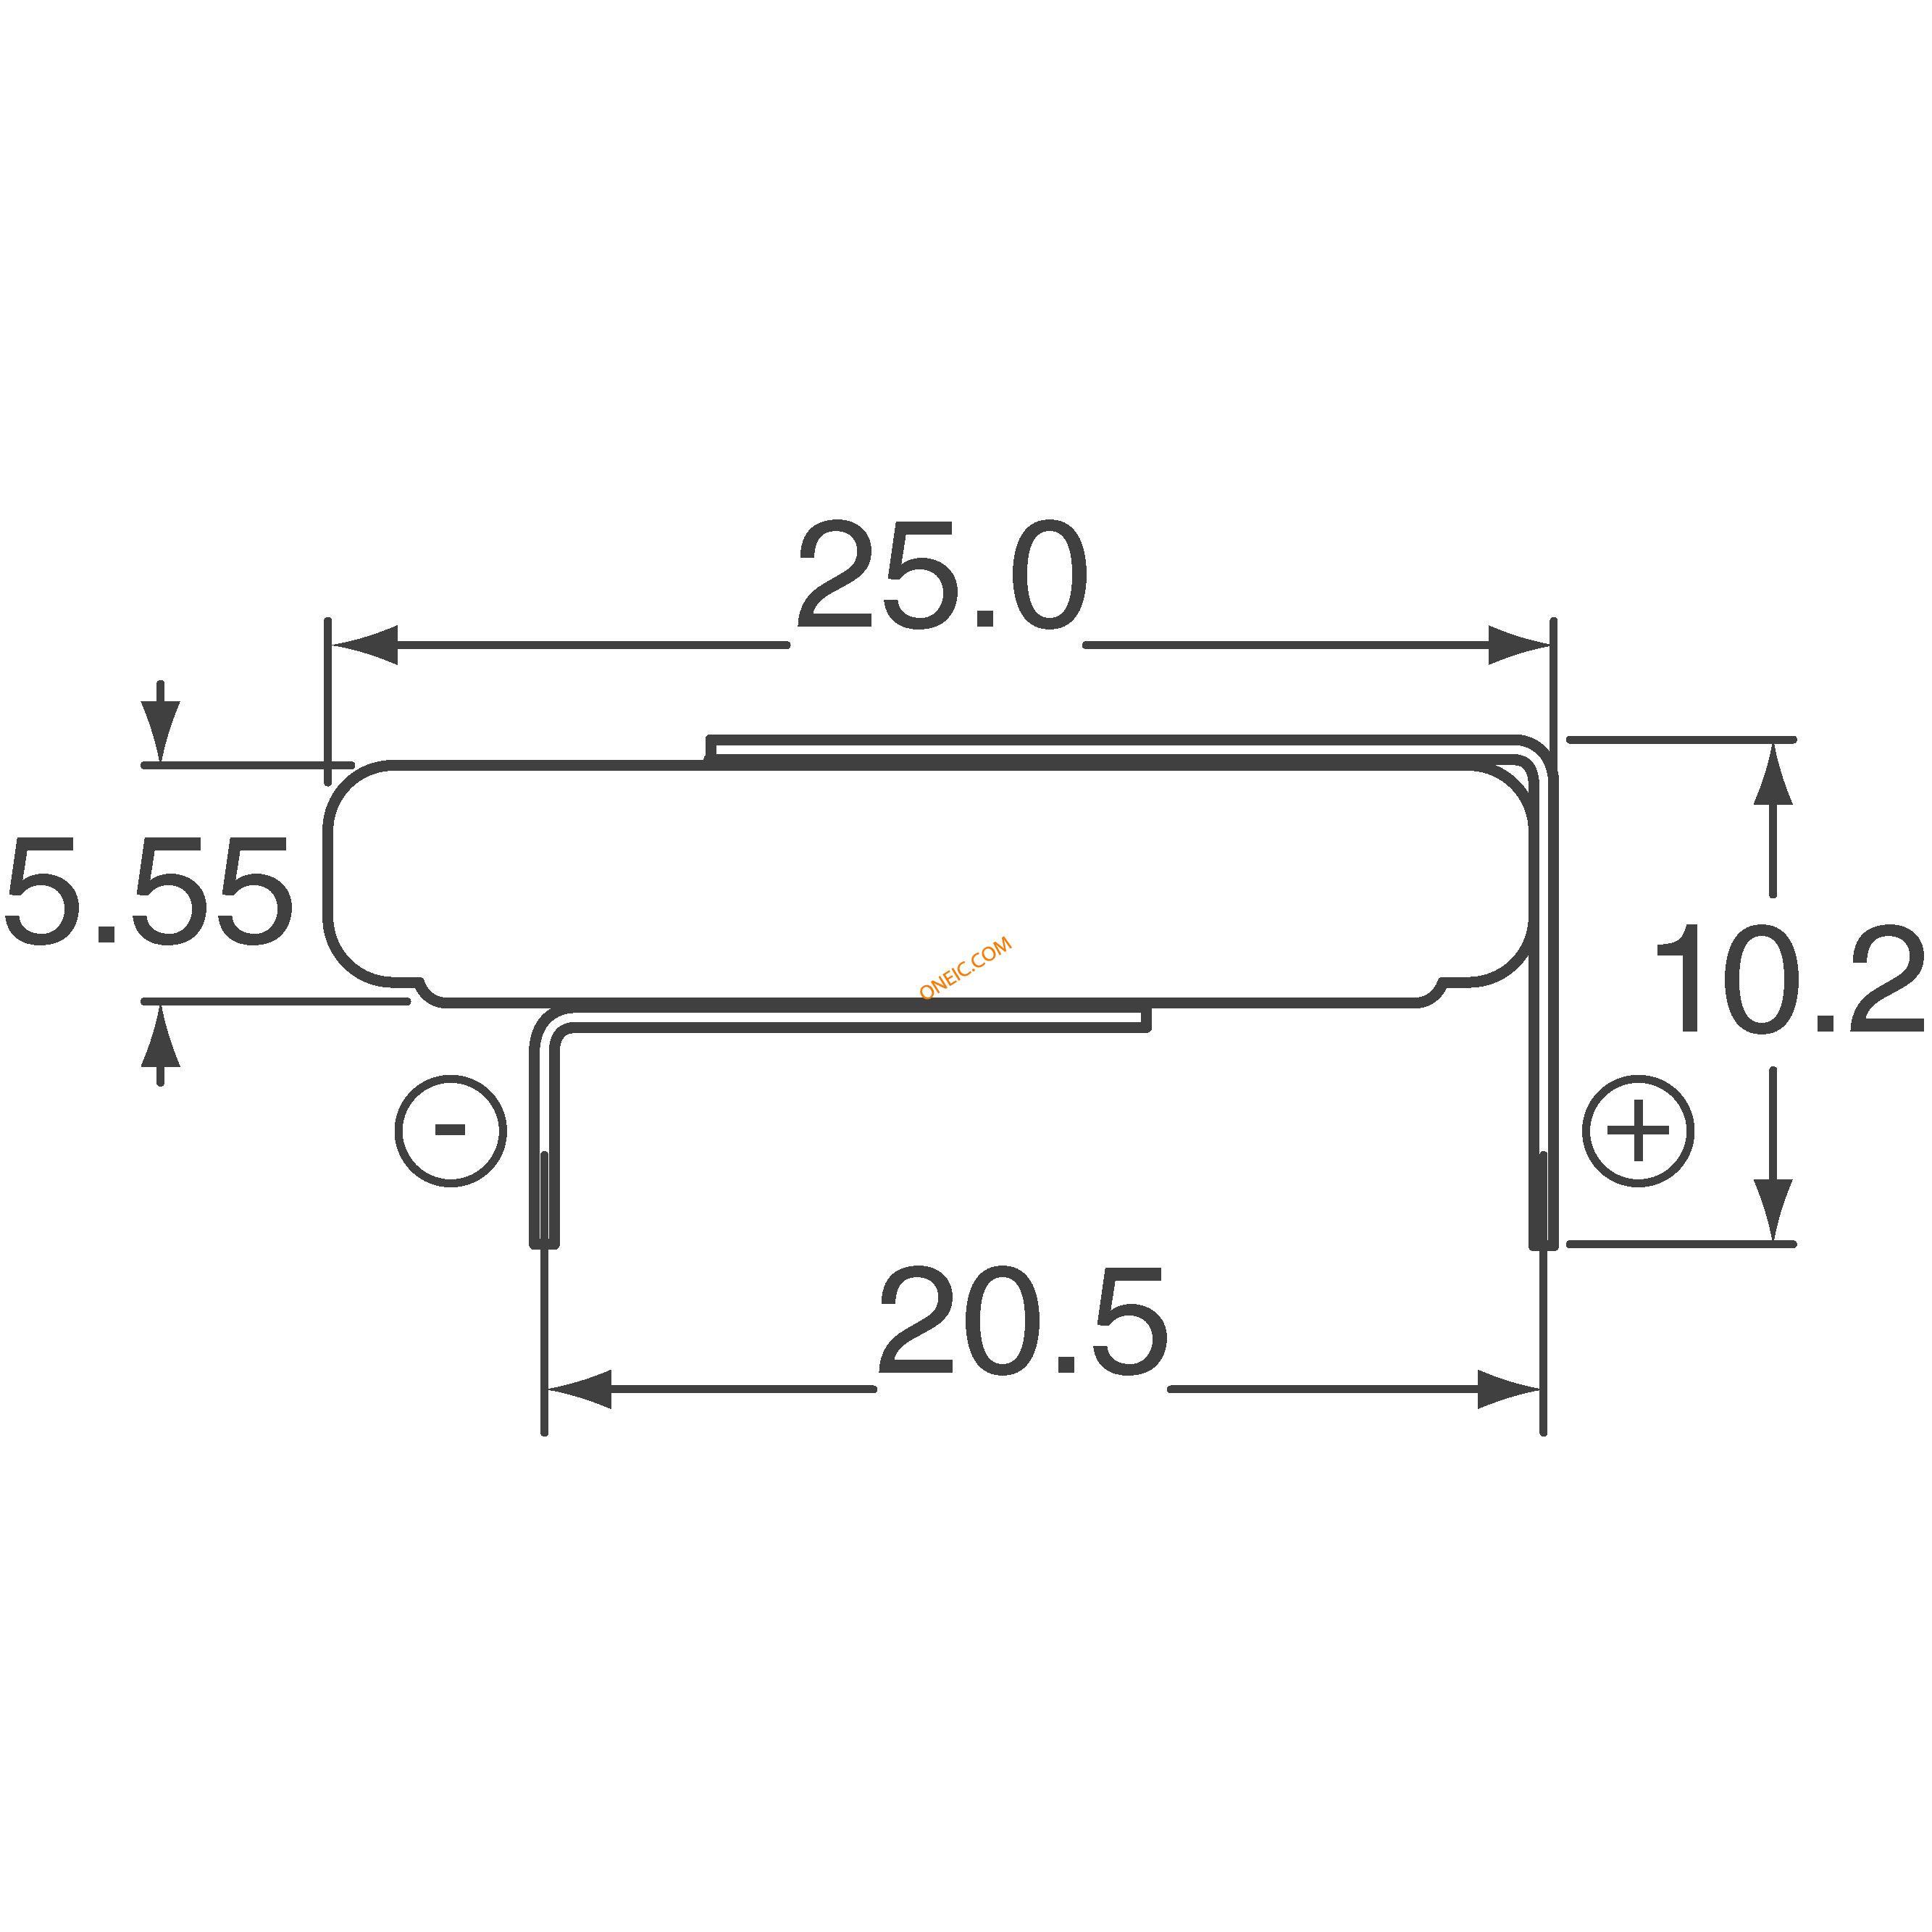 电池 非充电电池 cr-2450/h1an